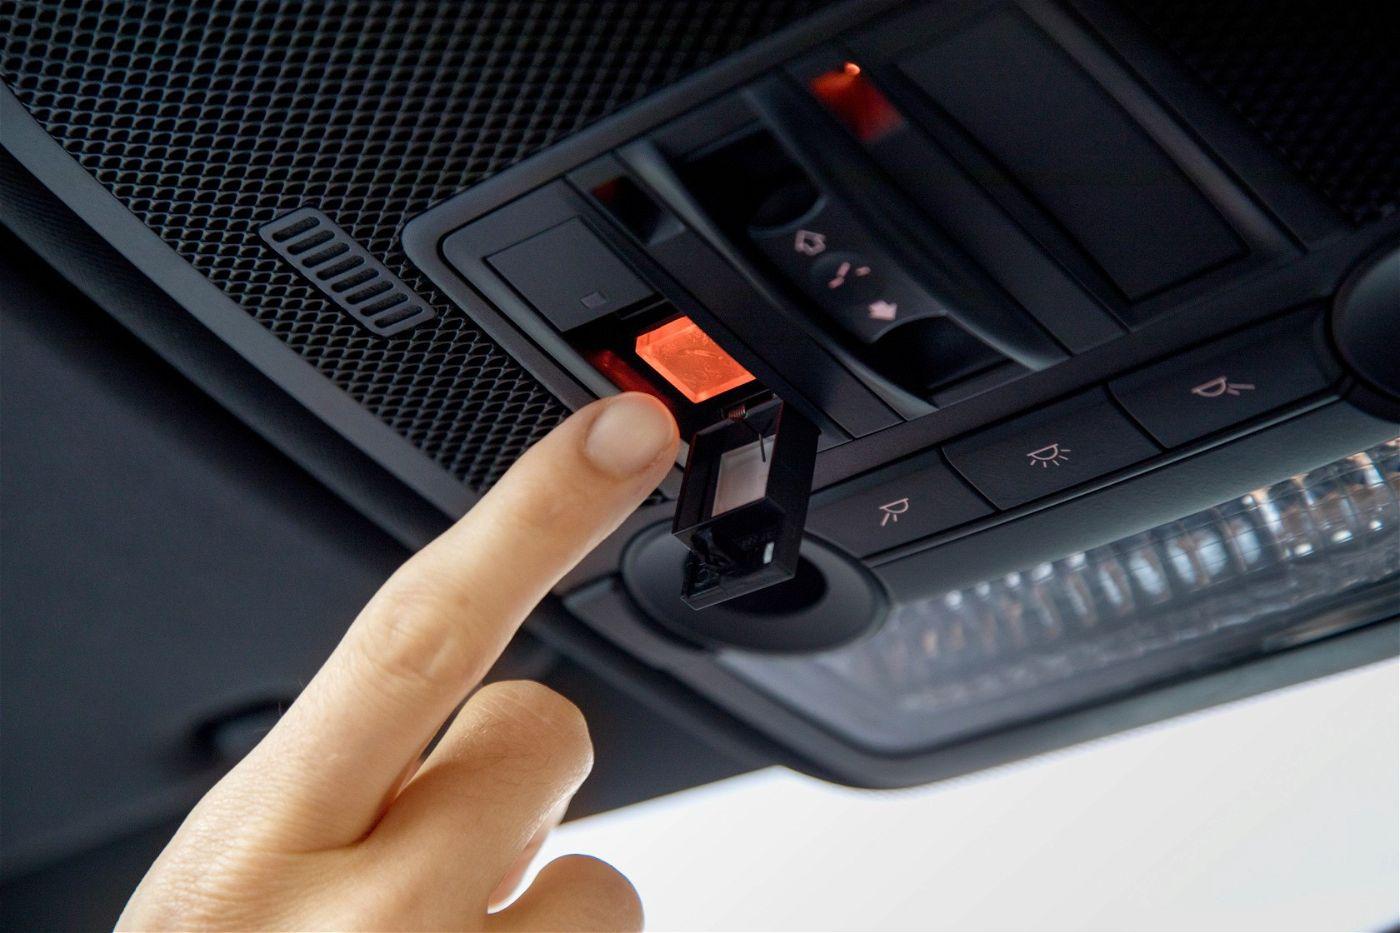 Mehr Sicherheit für unterwegs: In immer mehr Automodellen ist ein Notrufknopf installiert.